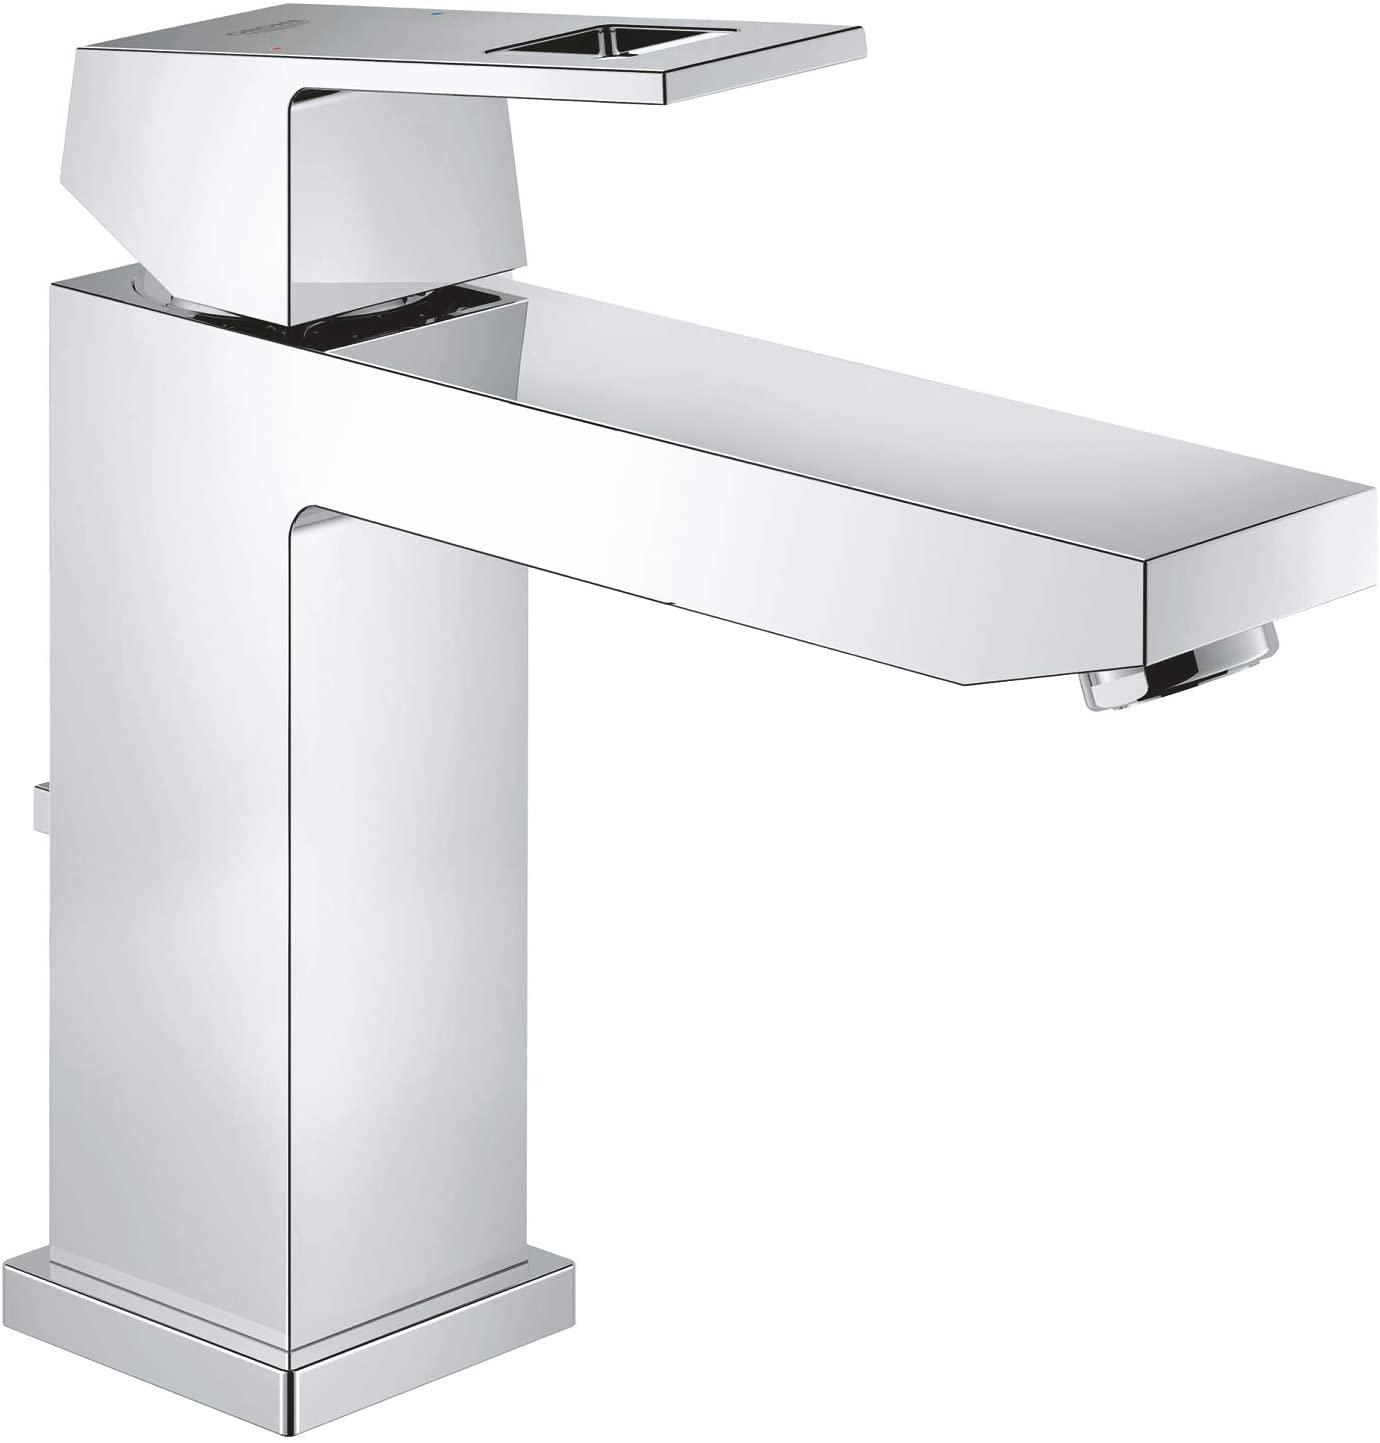 Grohe Eurocube - Grifo de lavabo con tecnología de ahorro de agua y limitador ecológico de caudal, tamaño M (Ref.23445000)